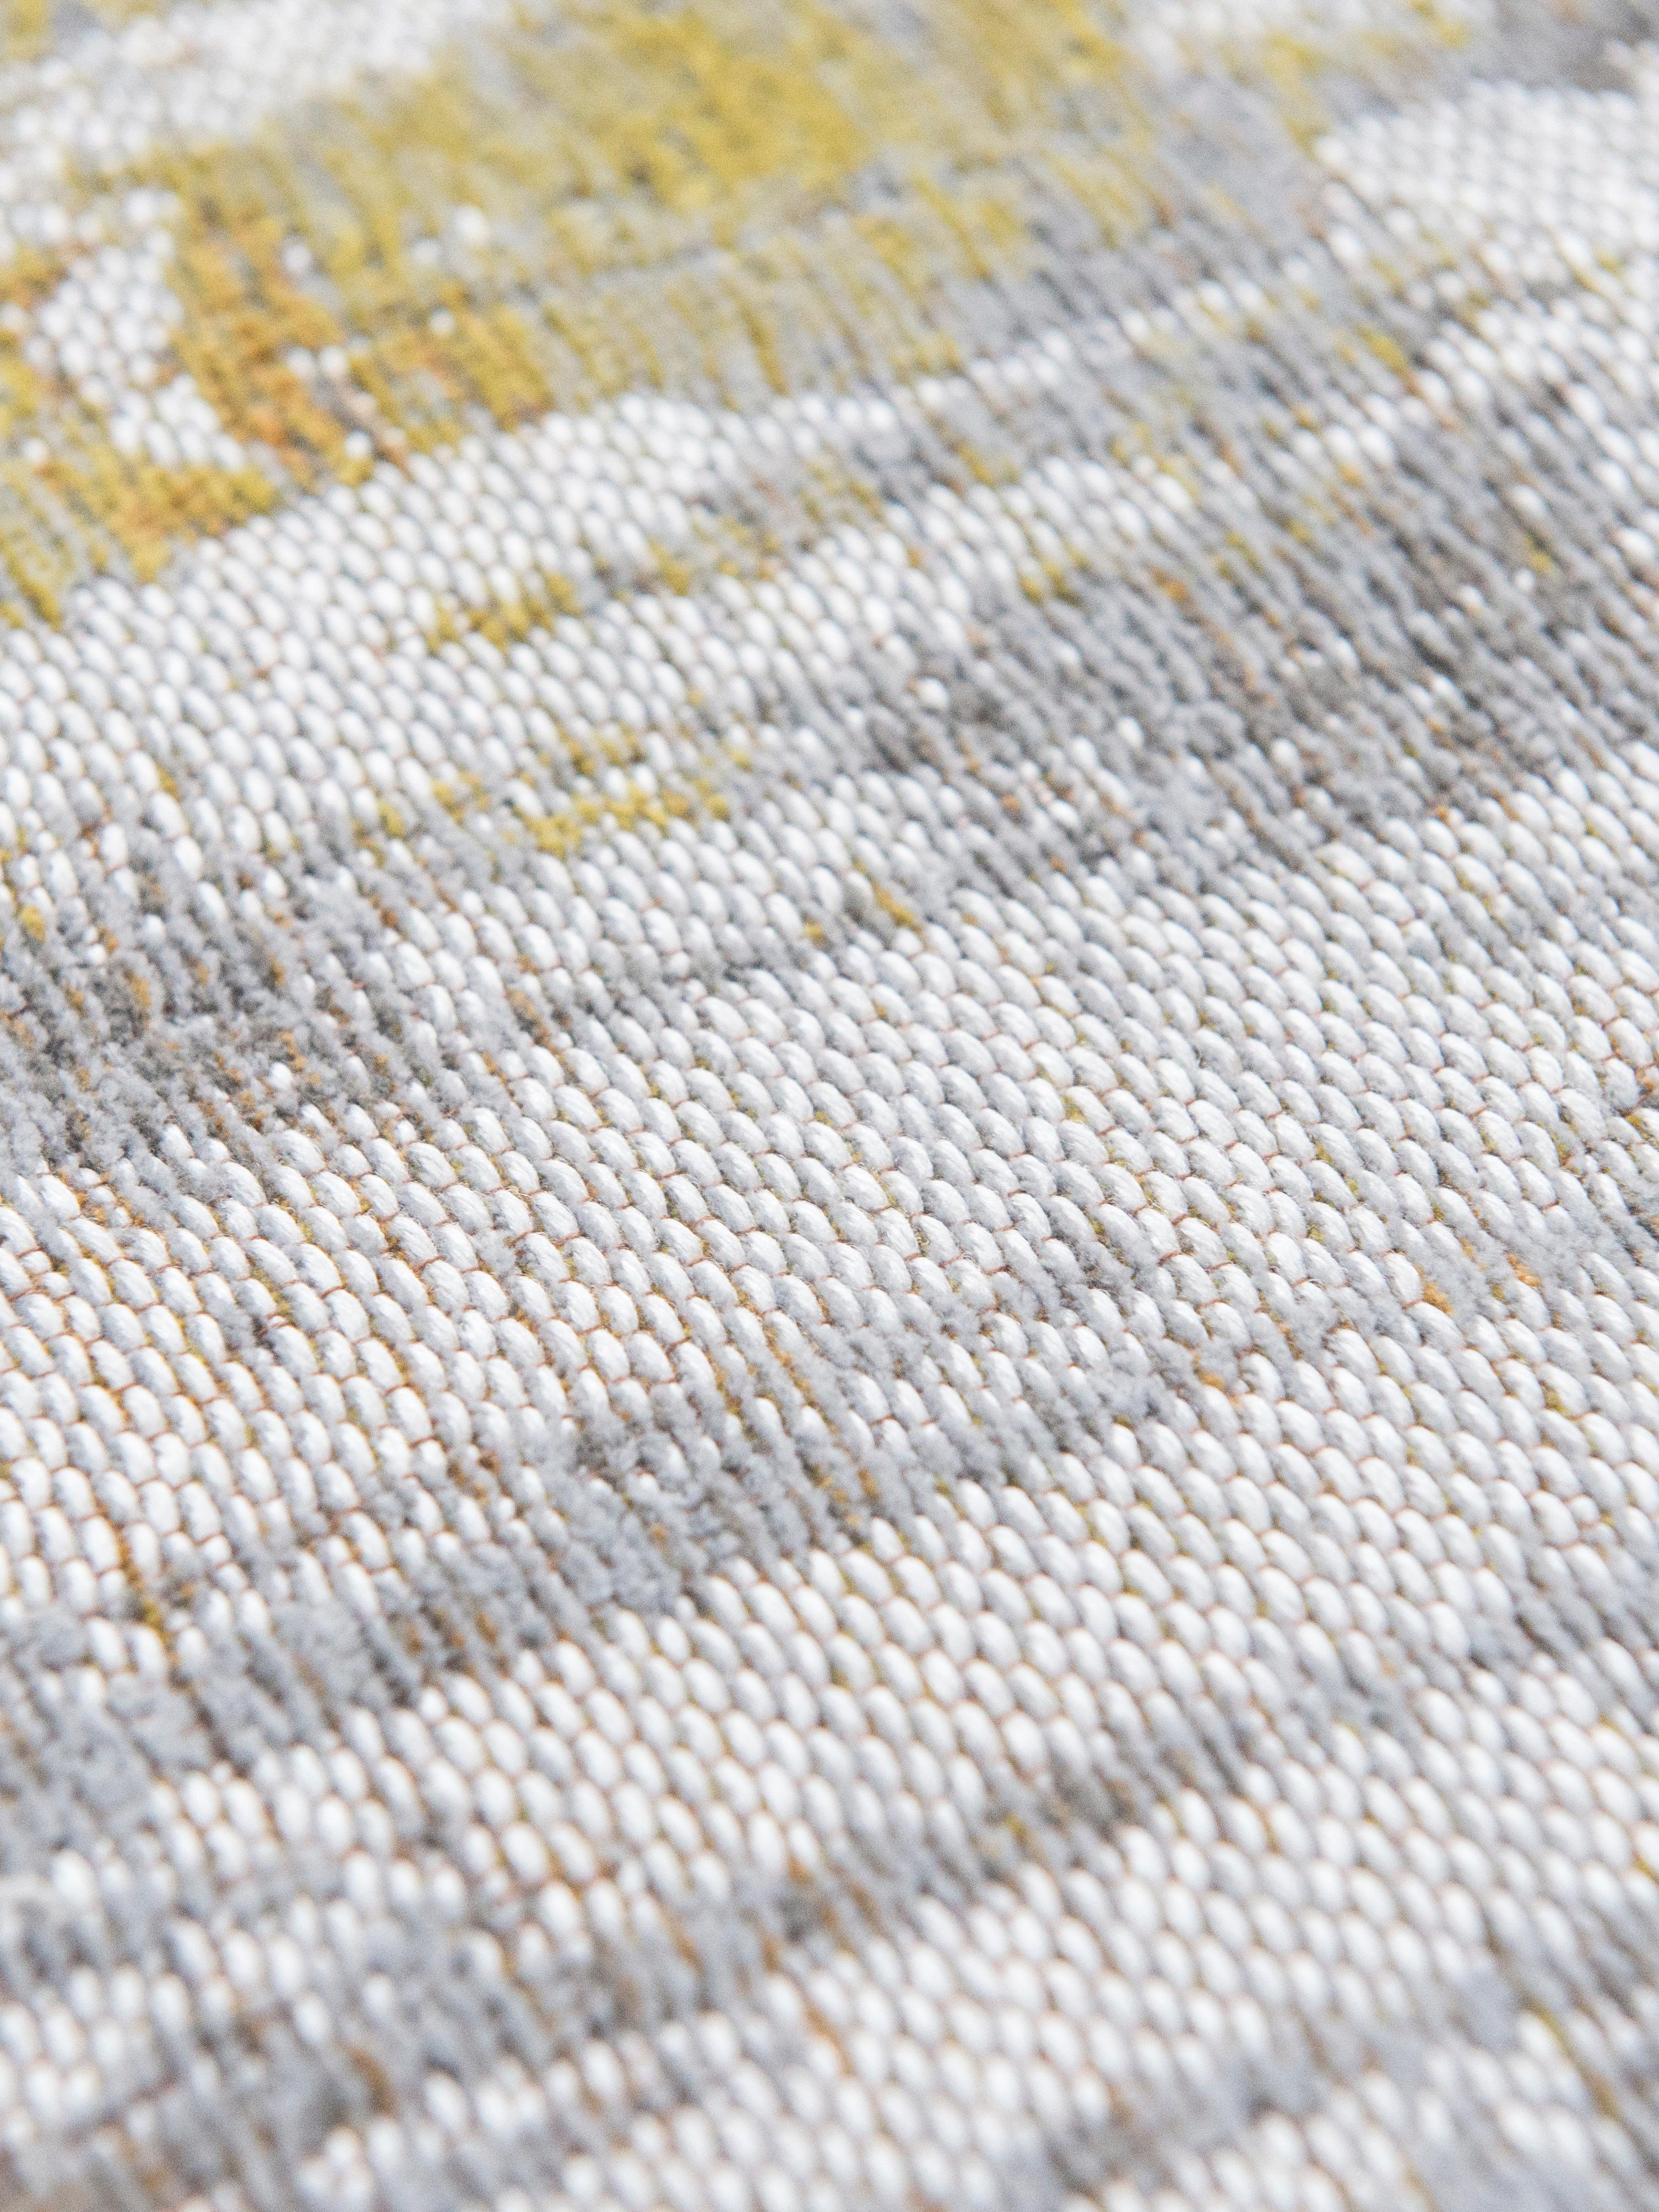 Design vloerkleed Streaks in grijs/geel, Bovenzijde: 85%katoen, 15%hoogglanz, Weeftechniek: jacquard, Onderzijde: katoenmix, gecoat met lat, Geel, grijs, wit, B 200 x L 280 cm (maat L)